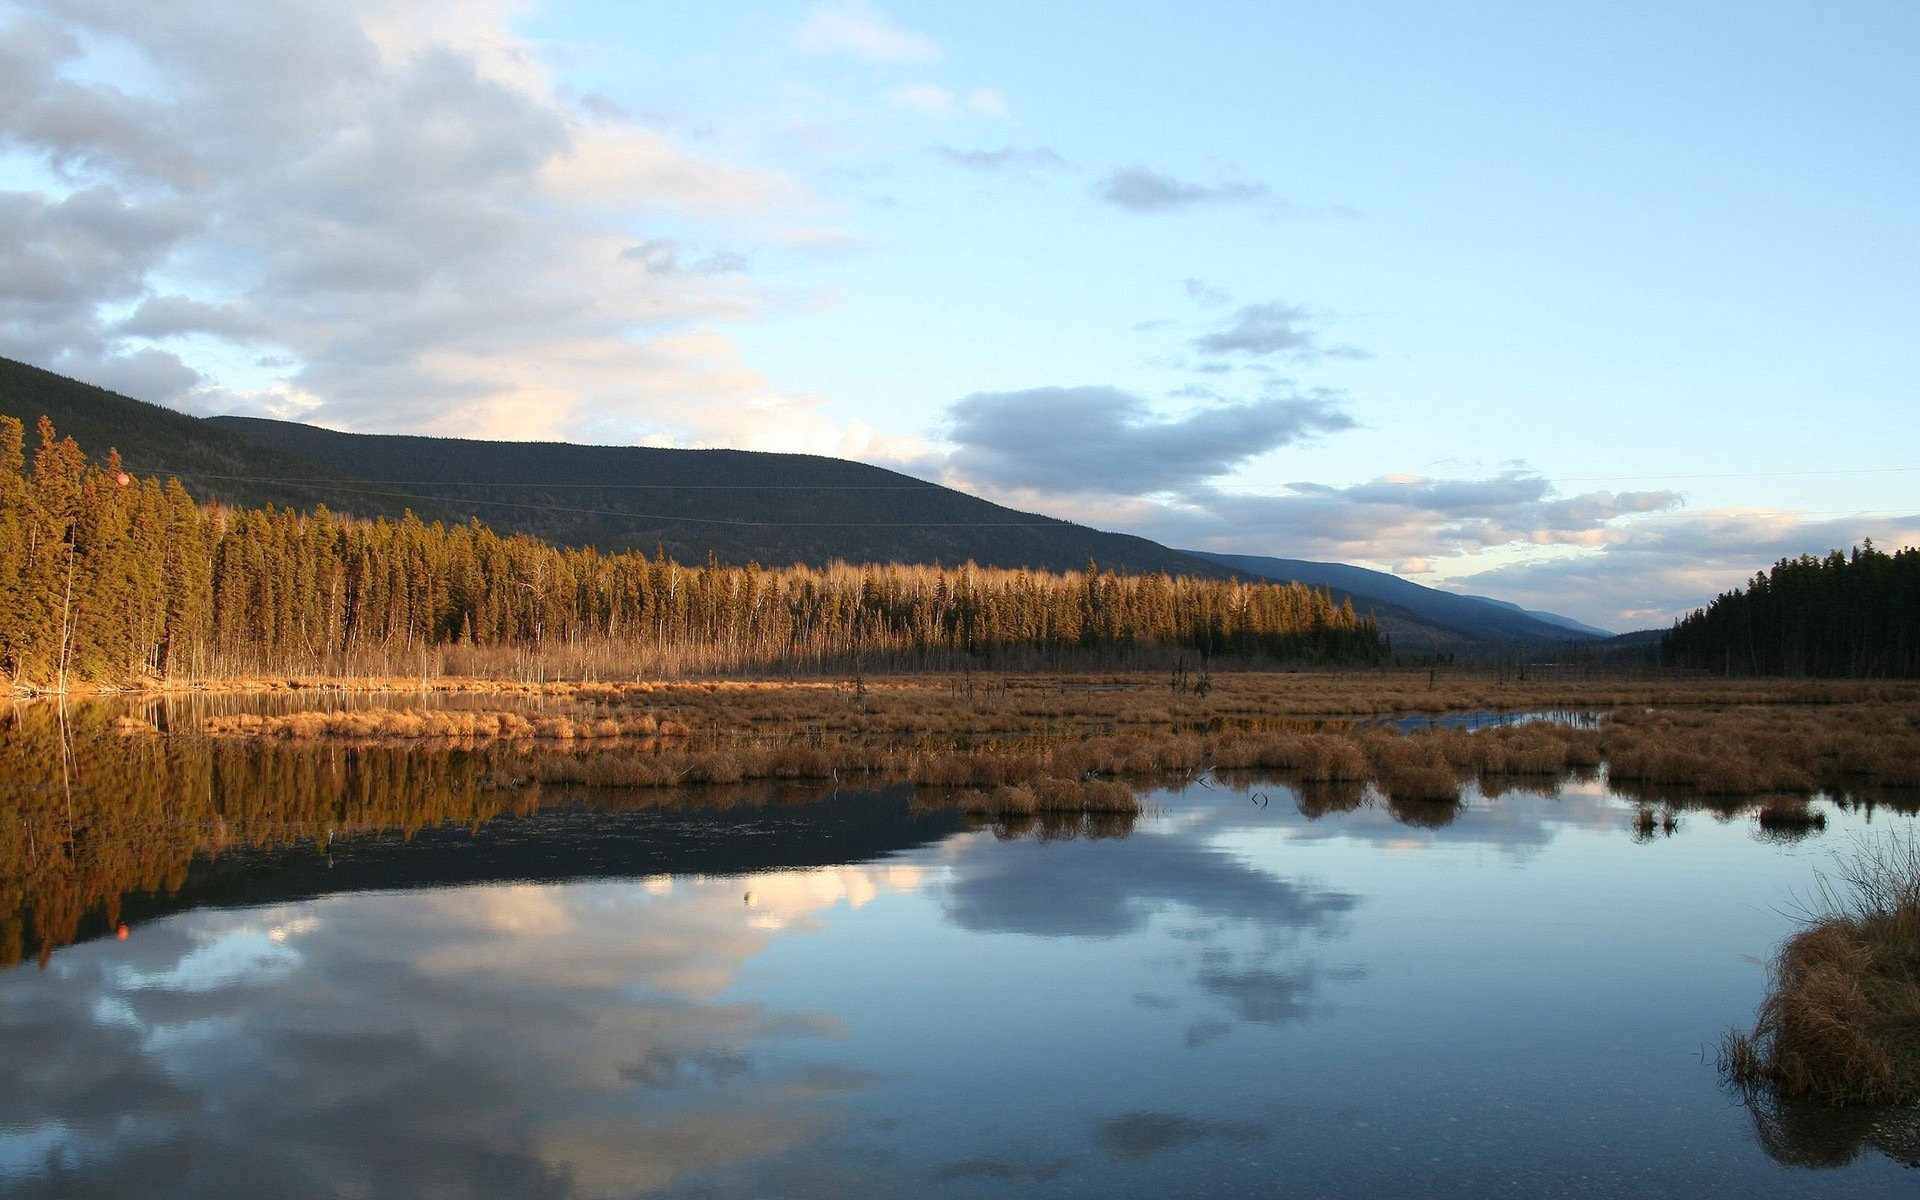 болото горы бесплатно